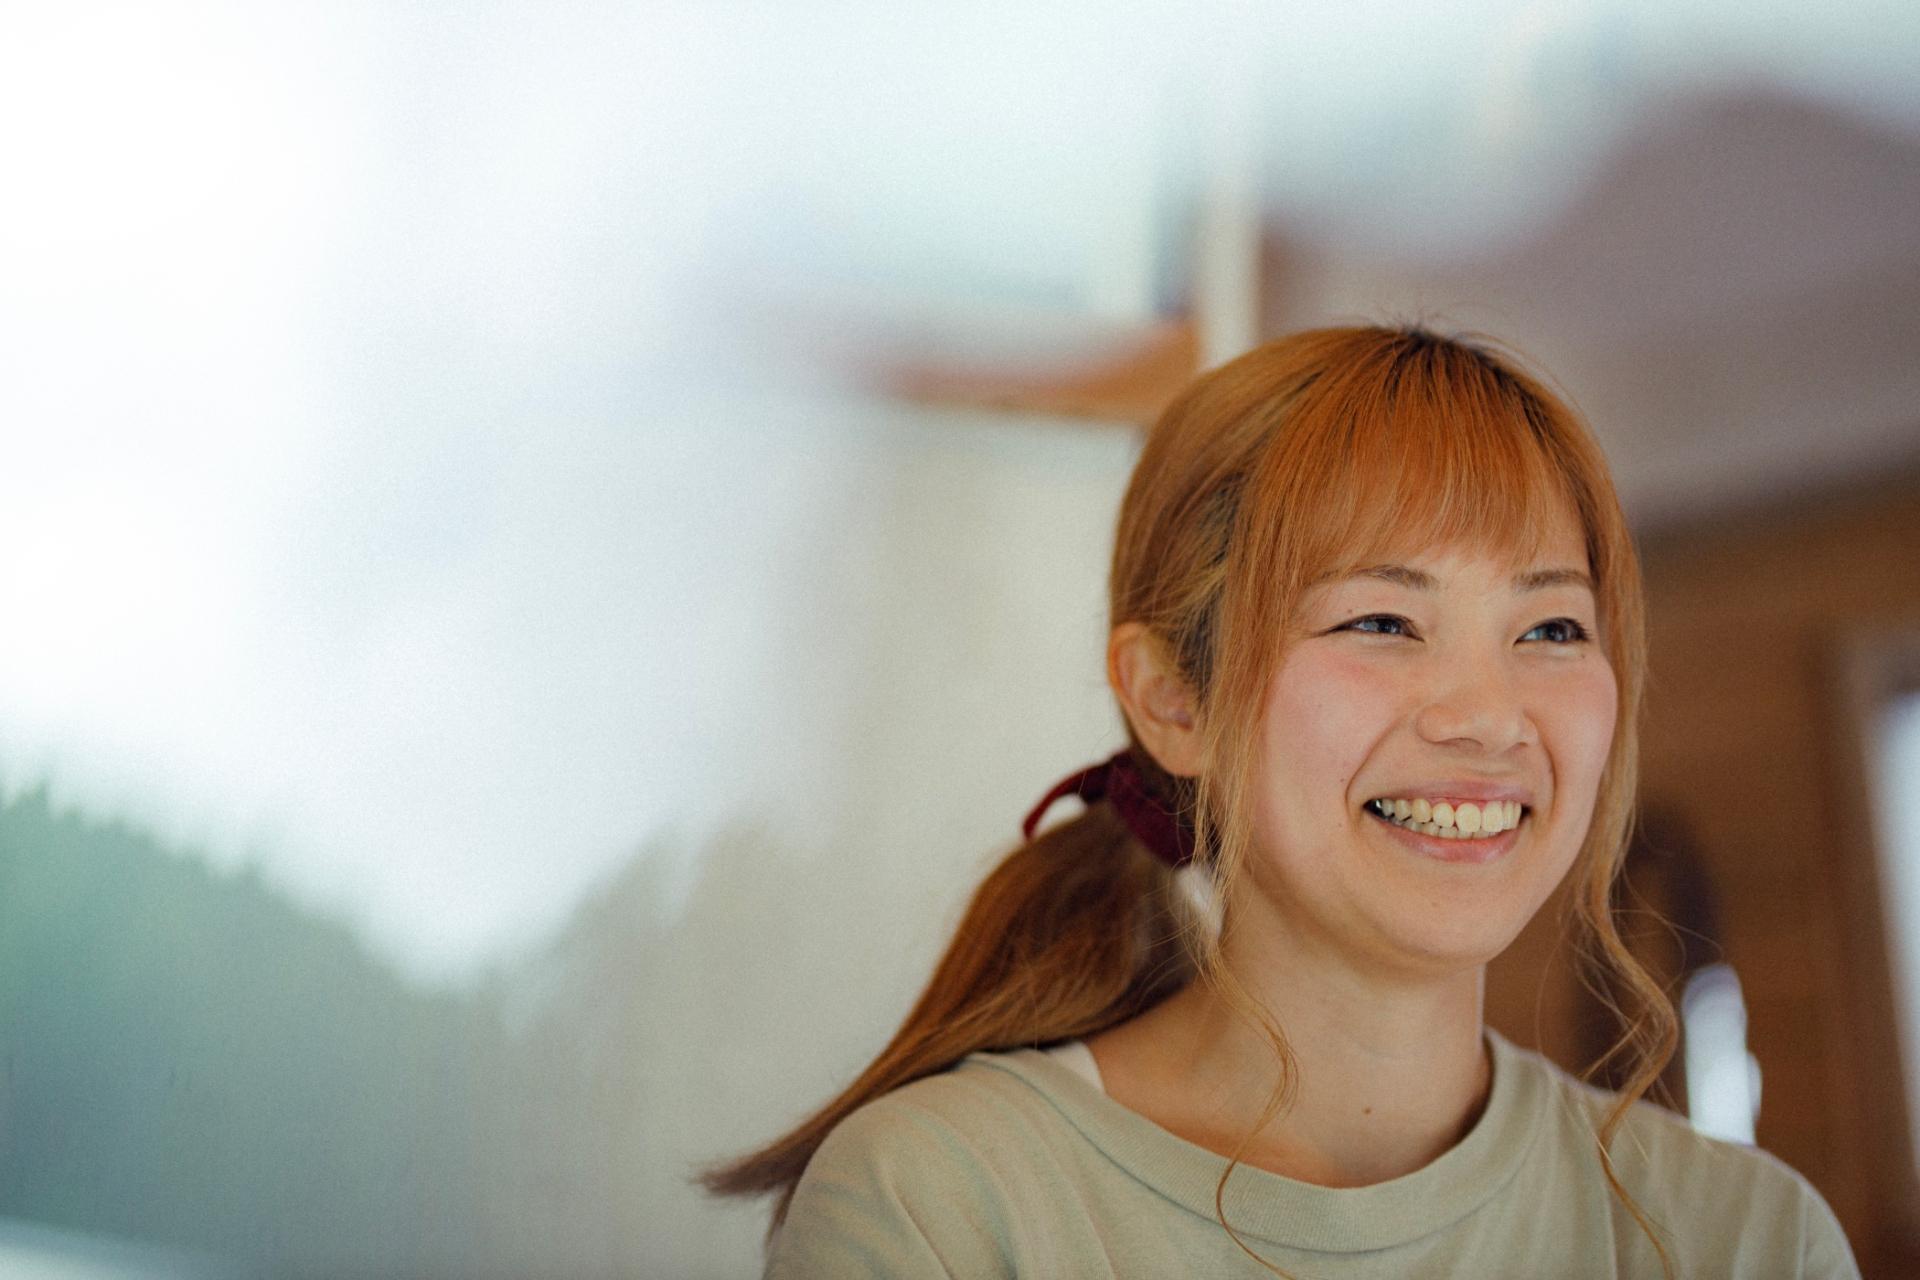 """バンライファー・菅原恵利さんに聞く、""""私らしい人生""""の切り開き方"""